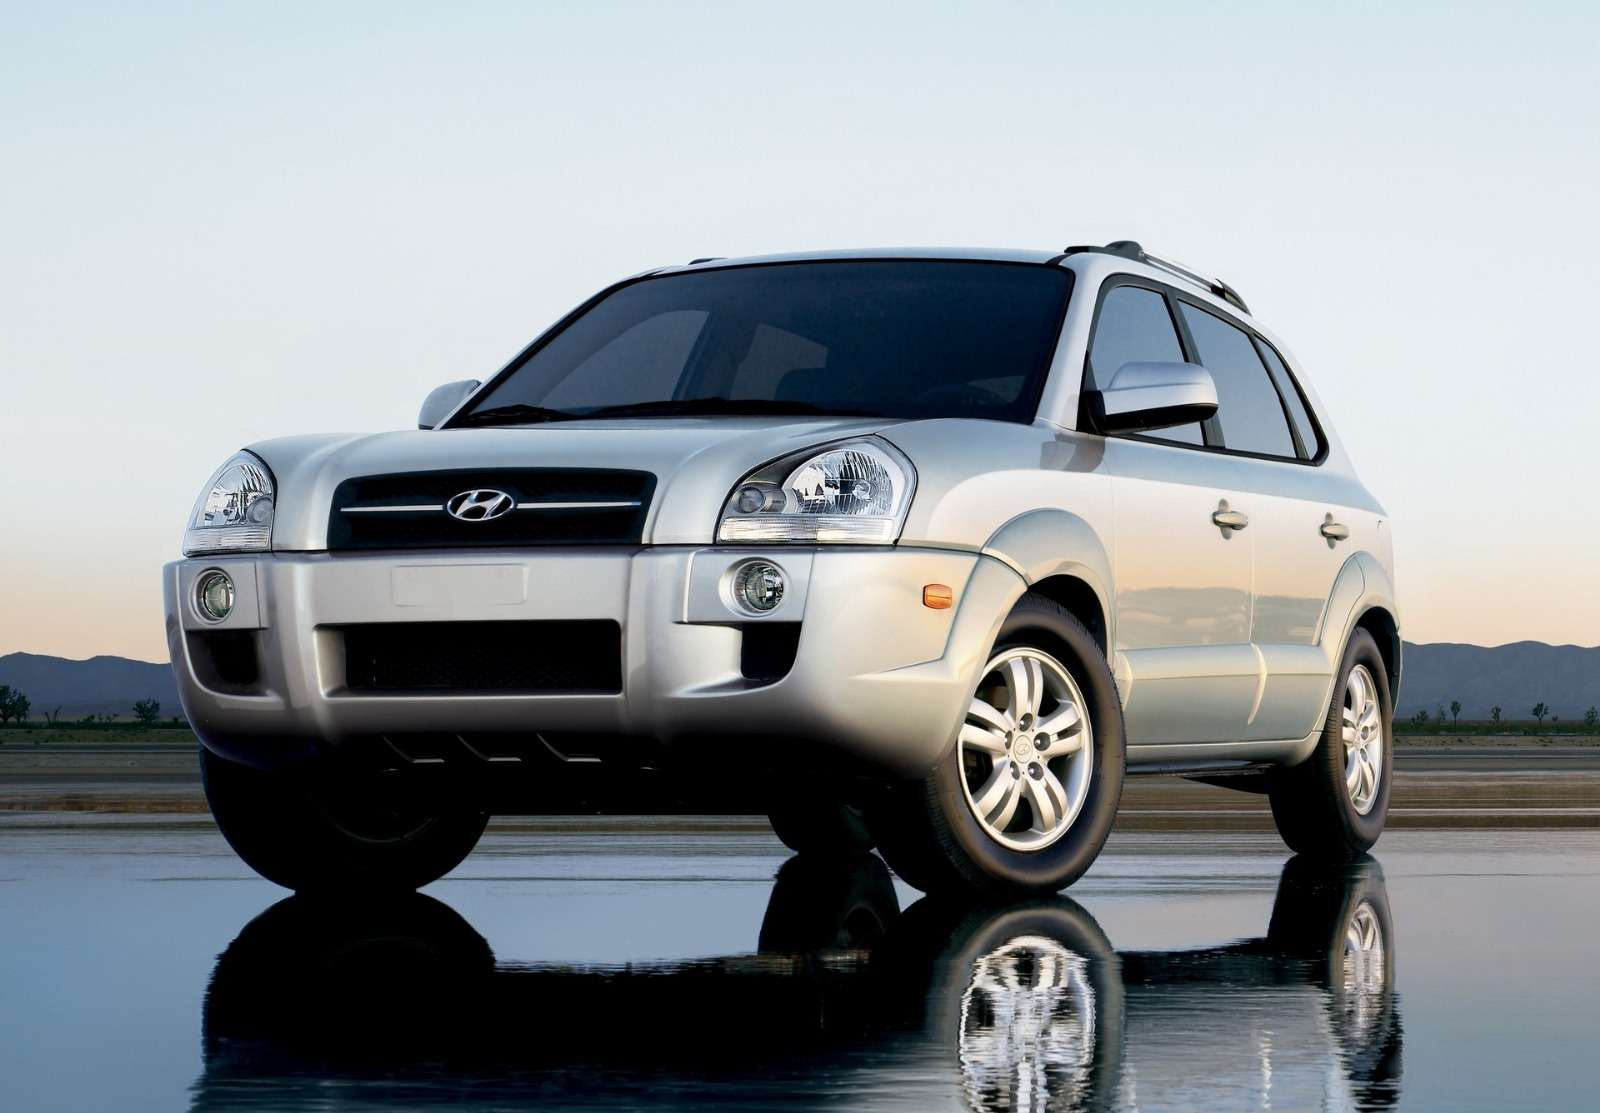 Подержанный автомобиль за700000 рублей— все богатство выбора— фото 831114